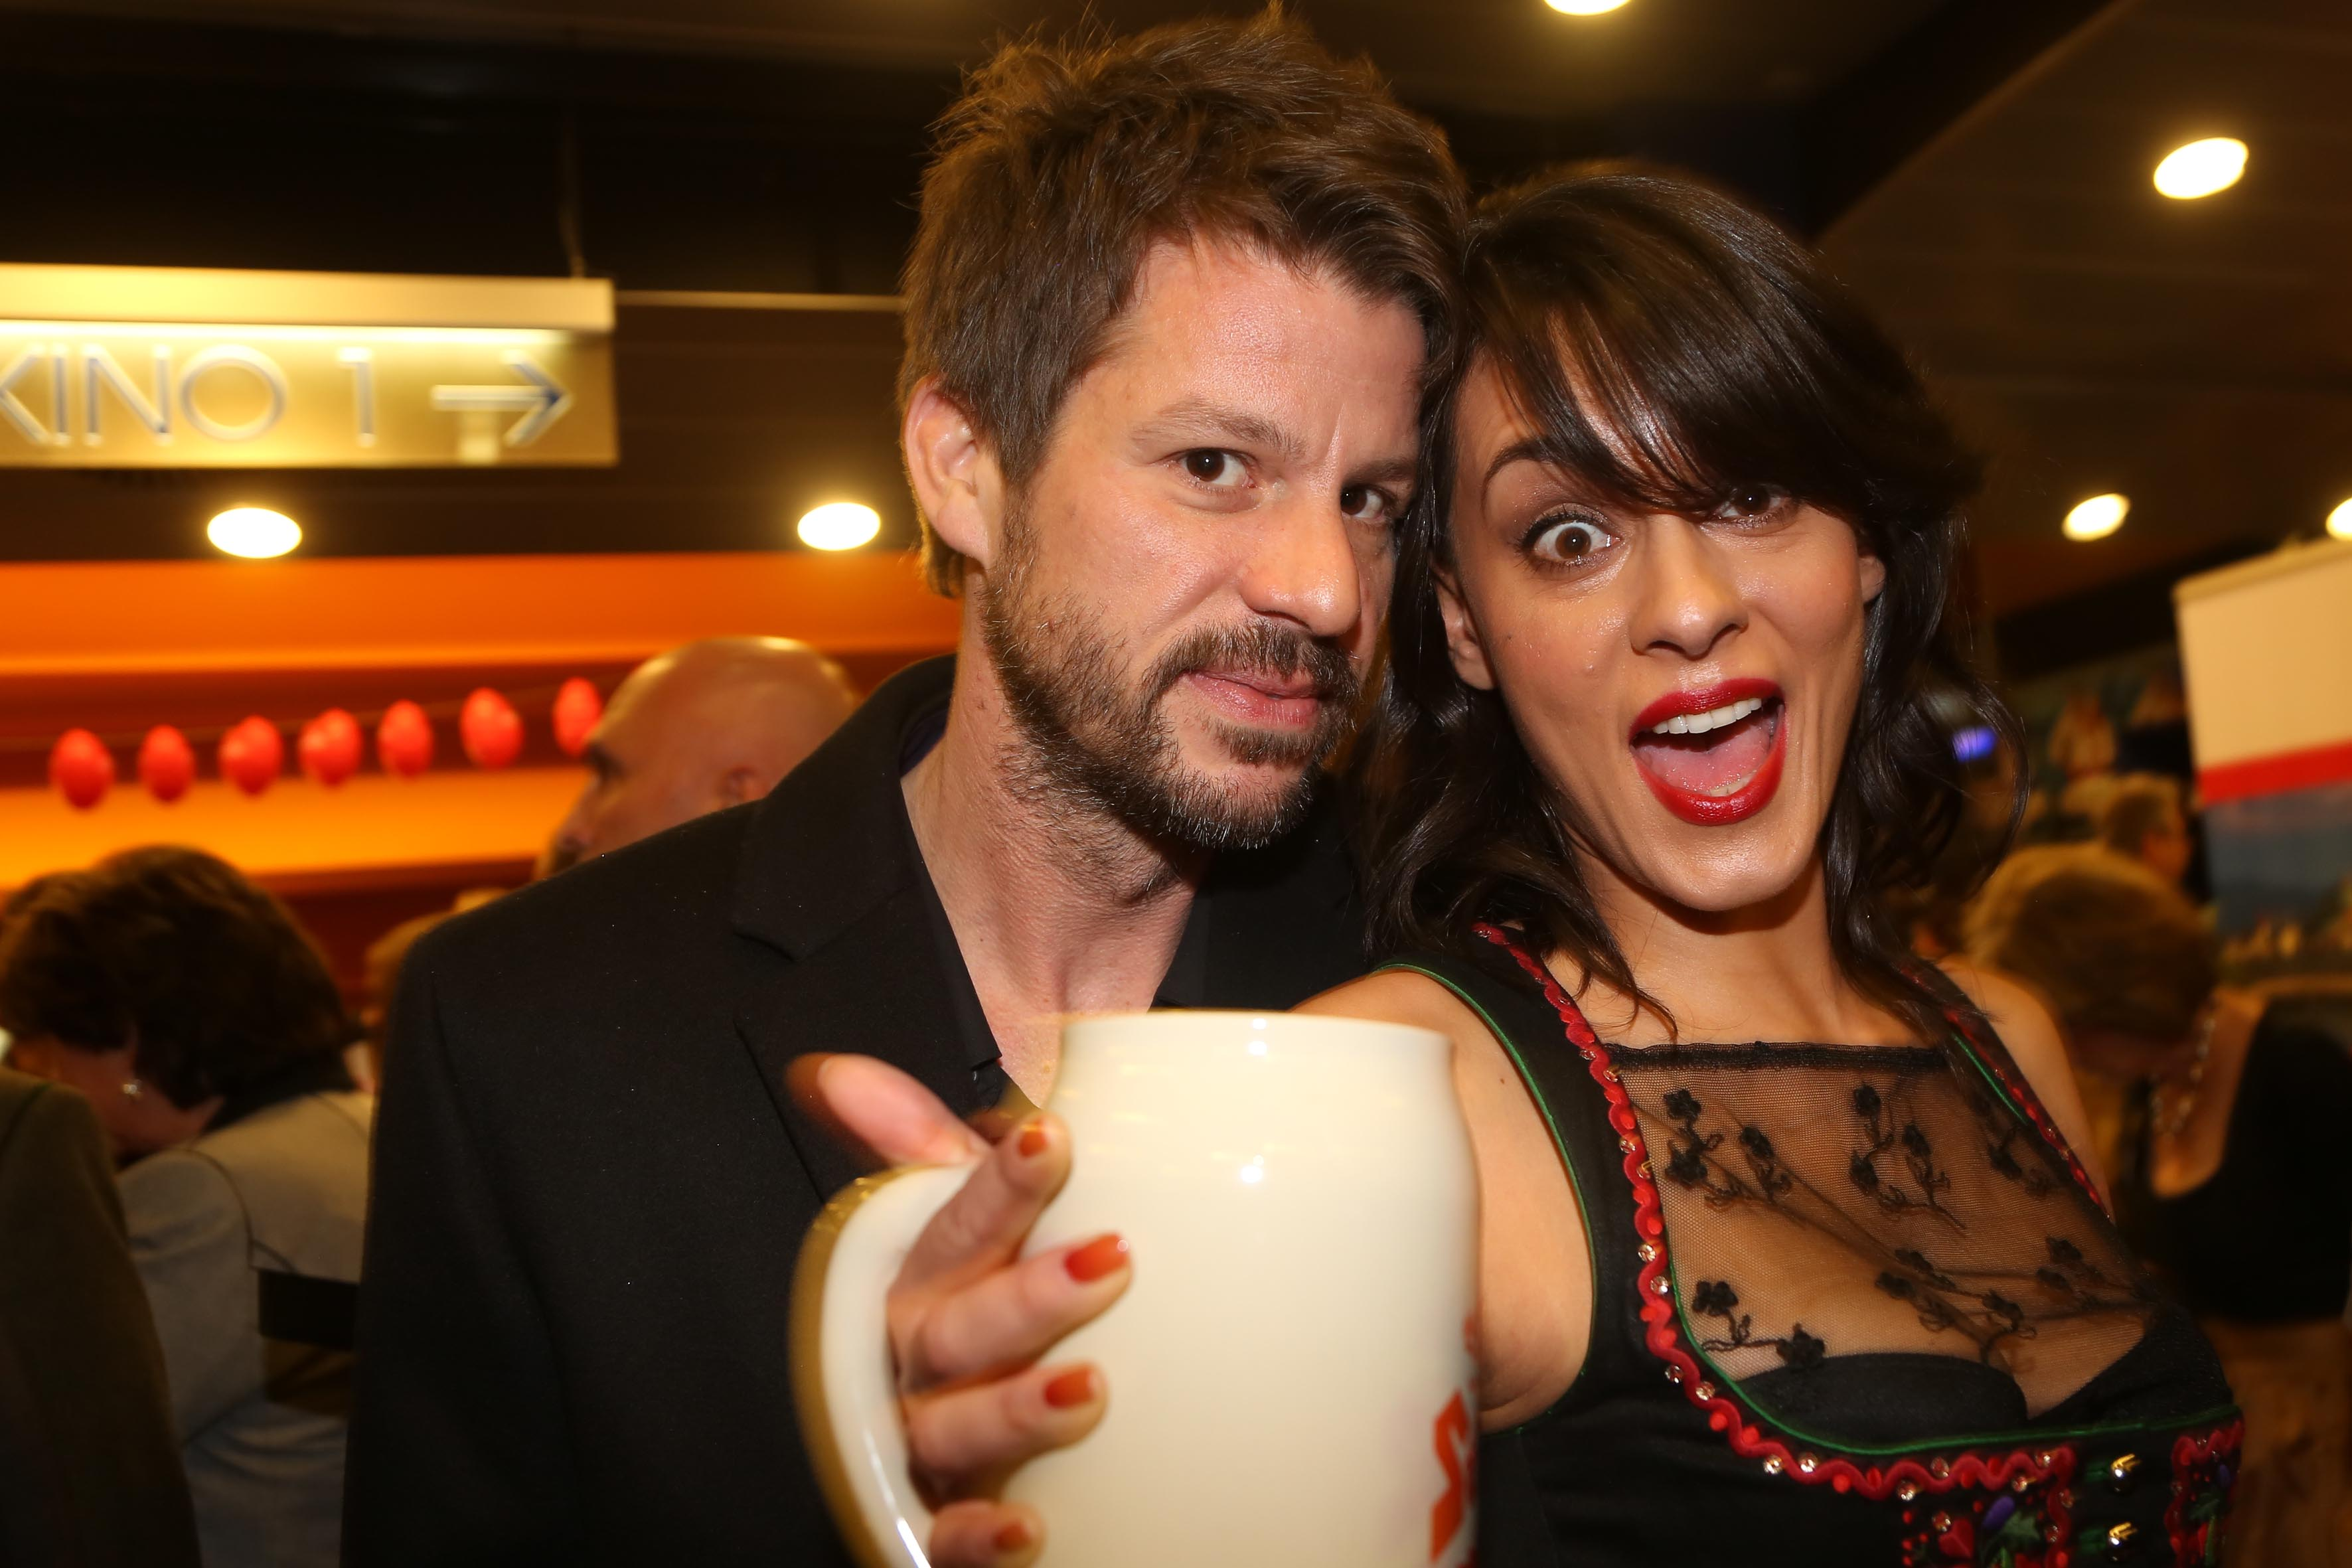 Edita Malovcic, Schauspielerin mit ihrem Freund   Florian Dauner, Fanta 4,